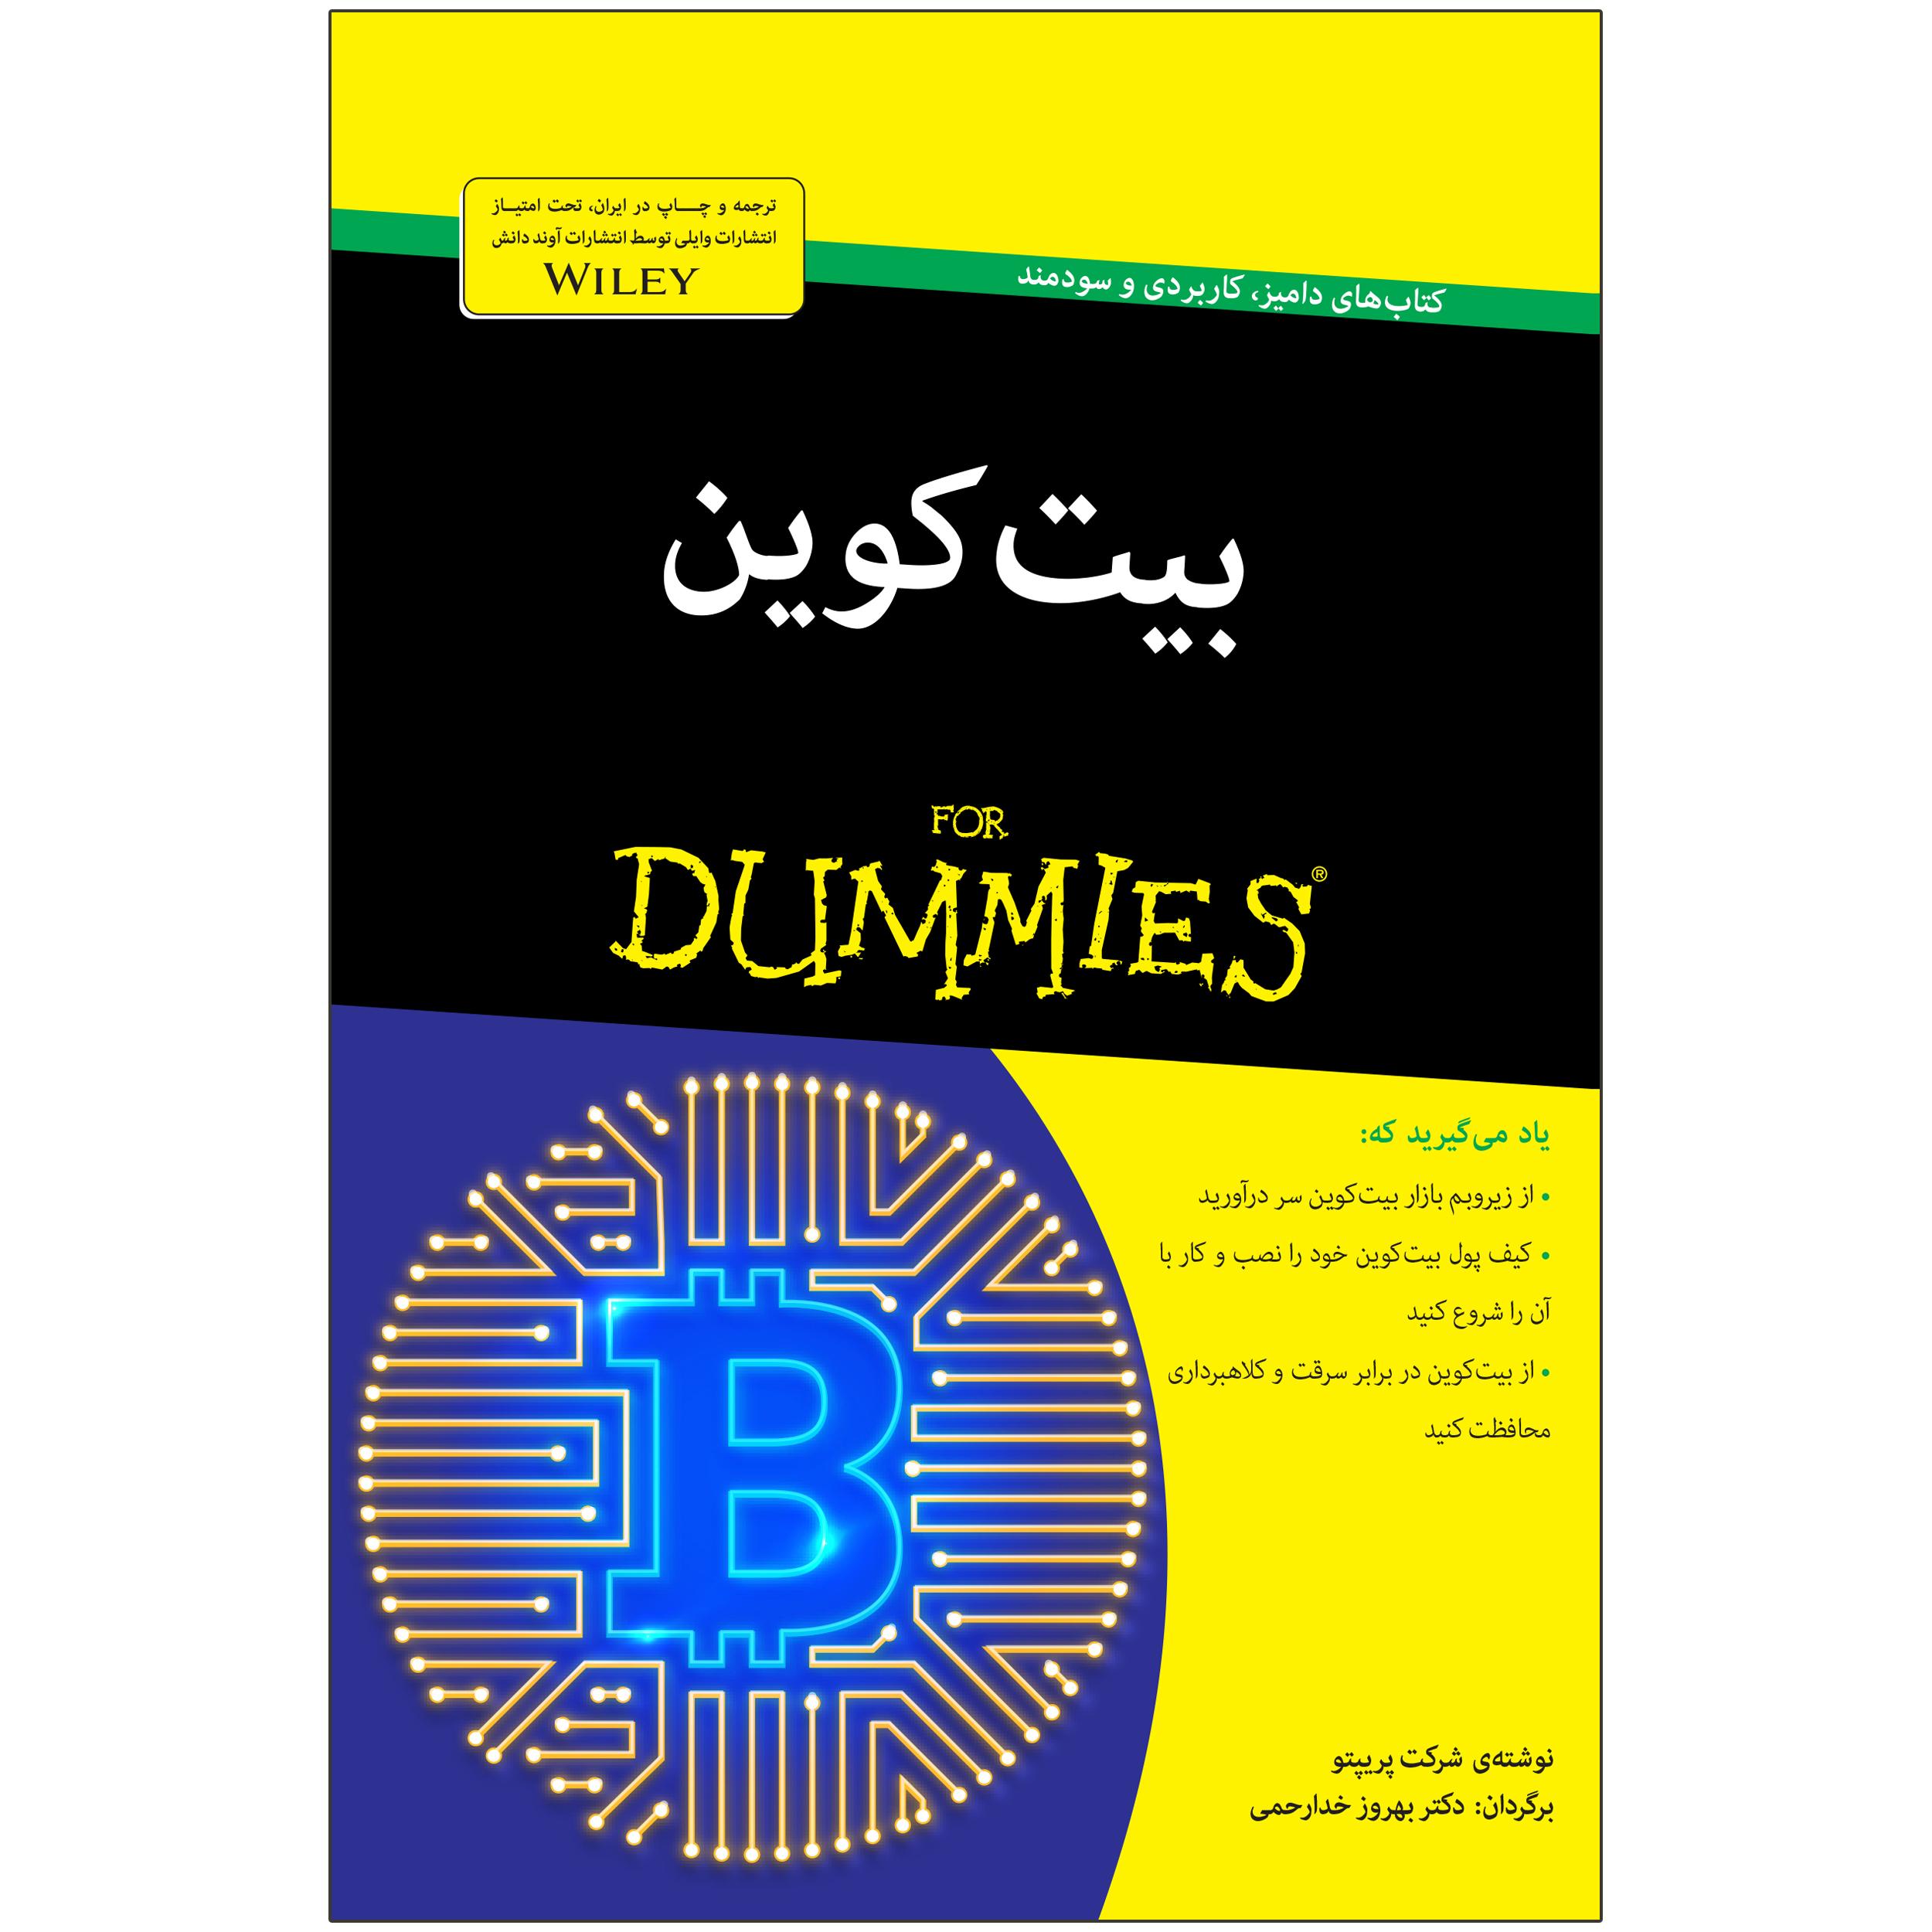 کتاب بیت کوین دامیز اثر پریپتو